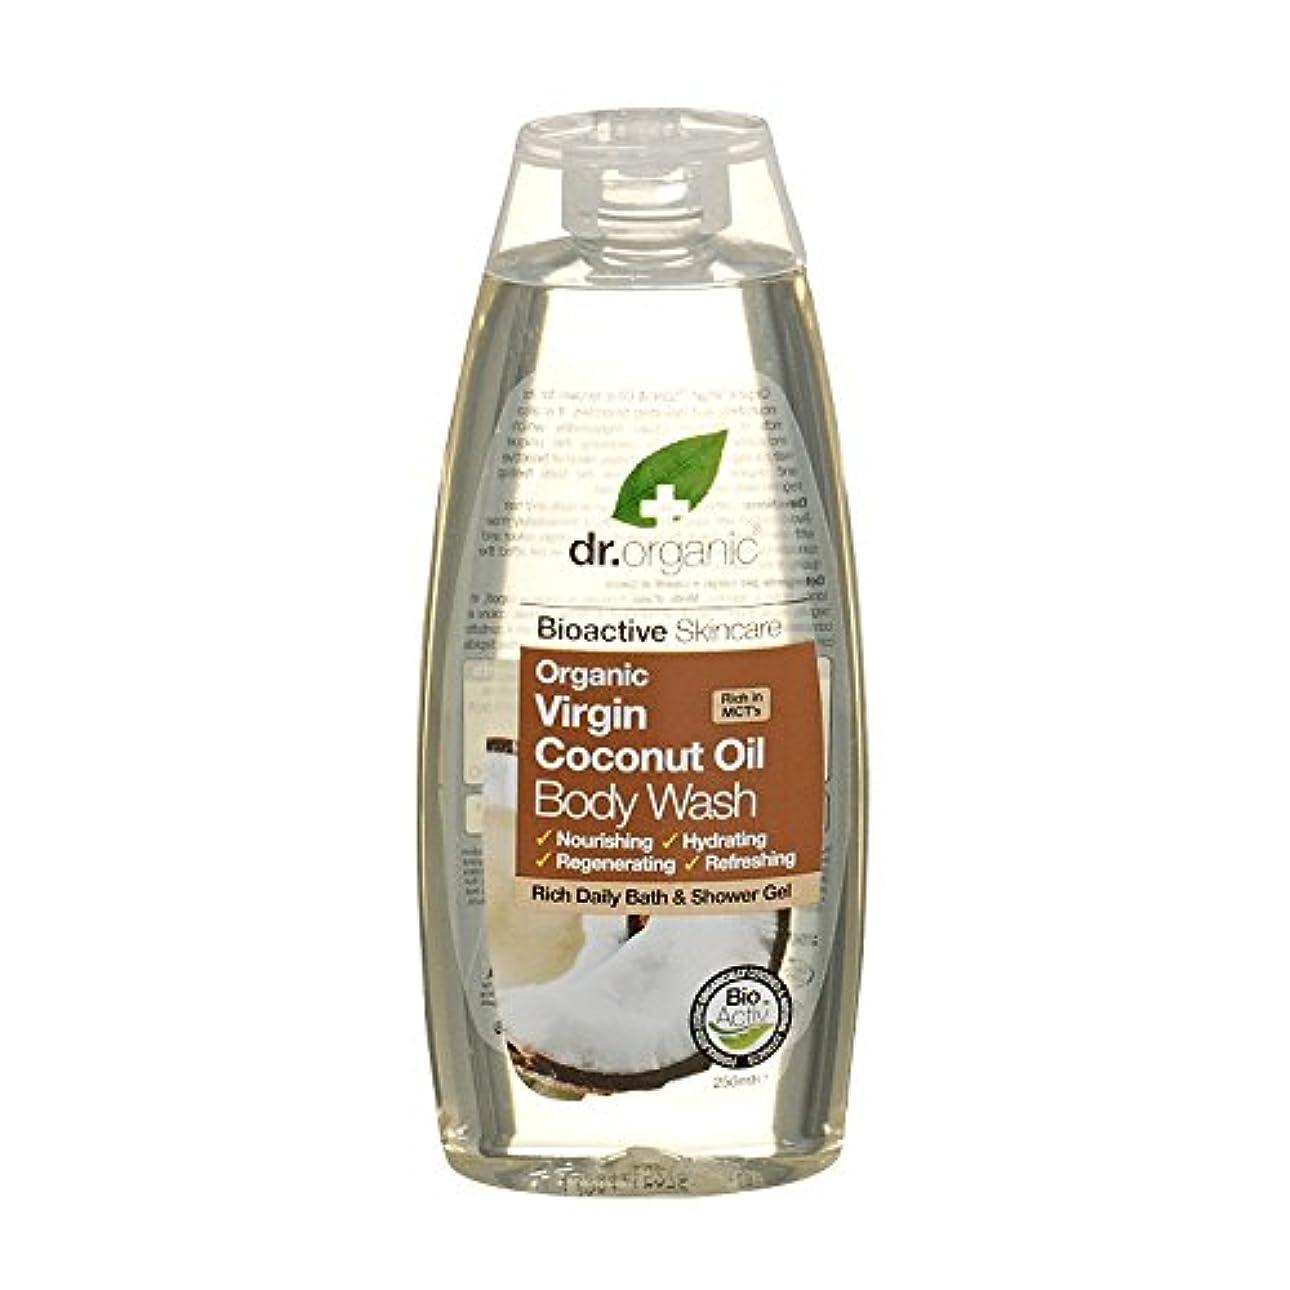 墓地海上さておきDr Organic Organic Virgin Coconut Oil Body Wash (Pack of 2) - Dr有機有機バージンココナッツオイルボディウォッシュ (x2) [並行輸入品]